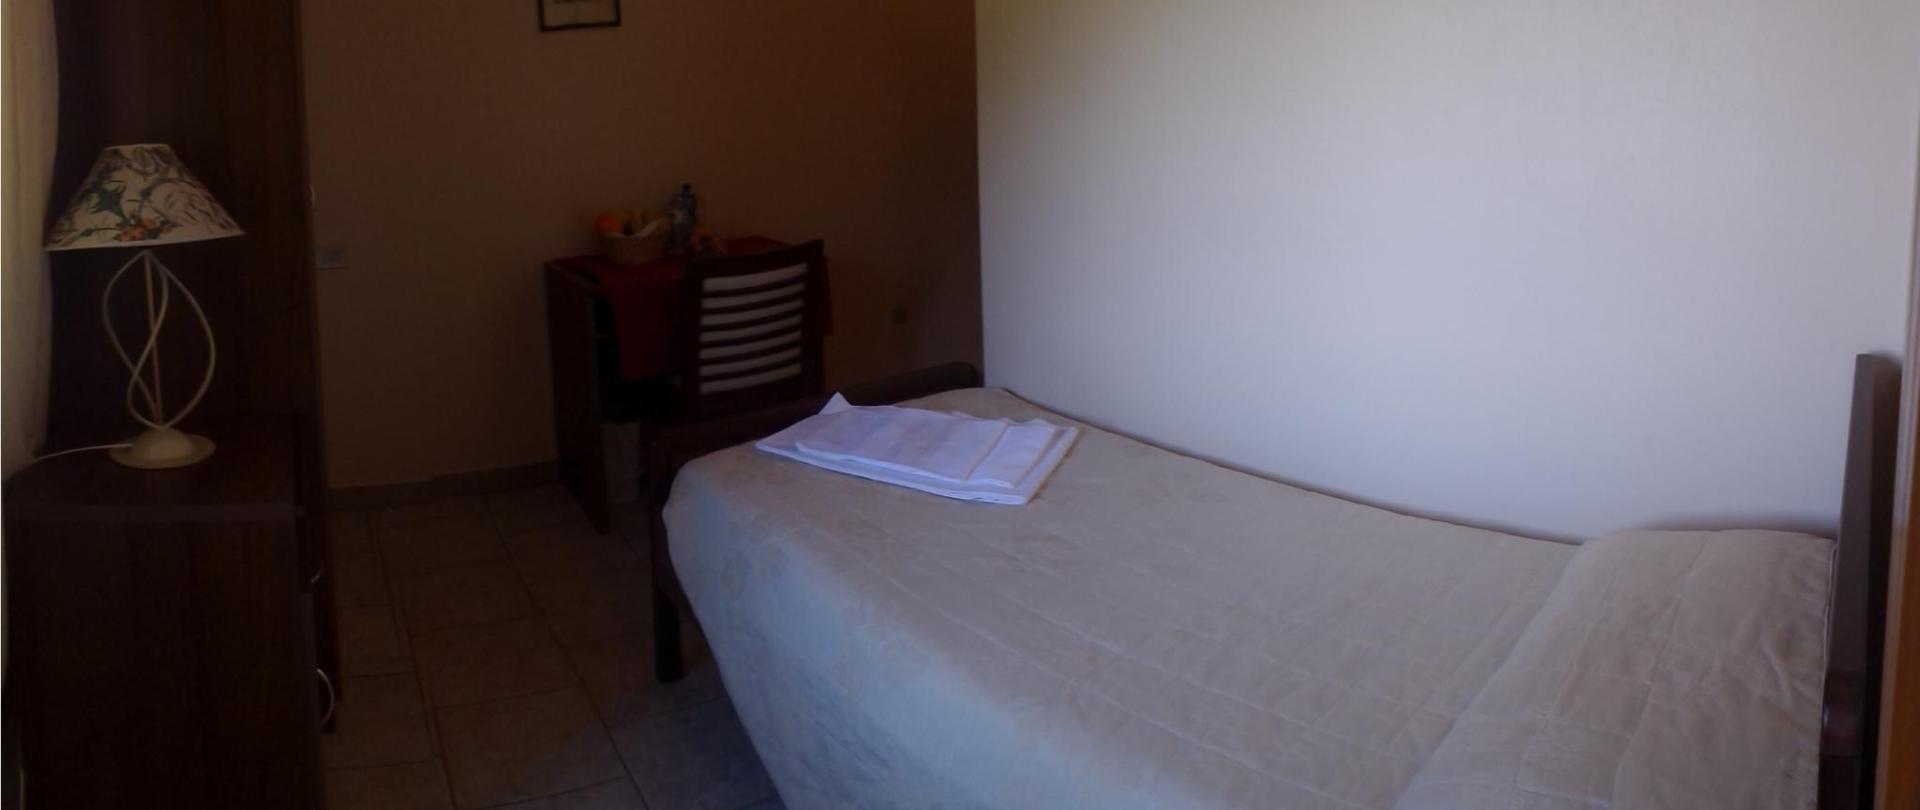 Hotel Ristorante La Sorgente